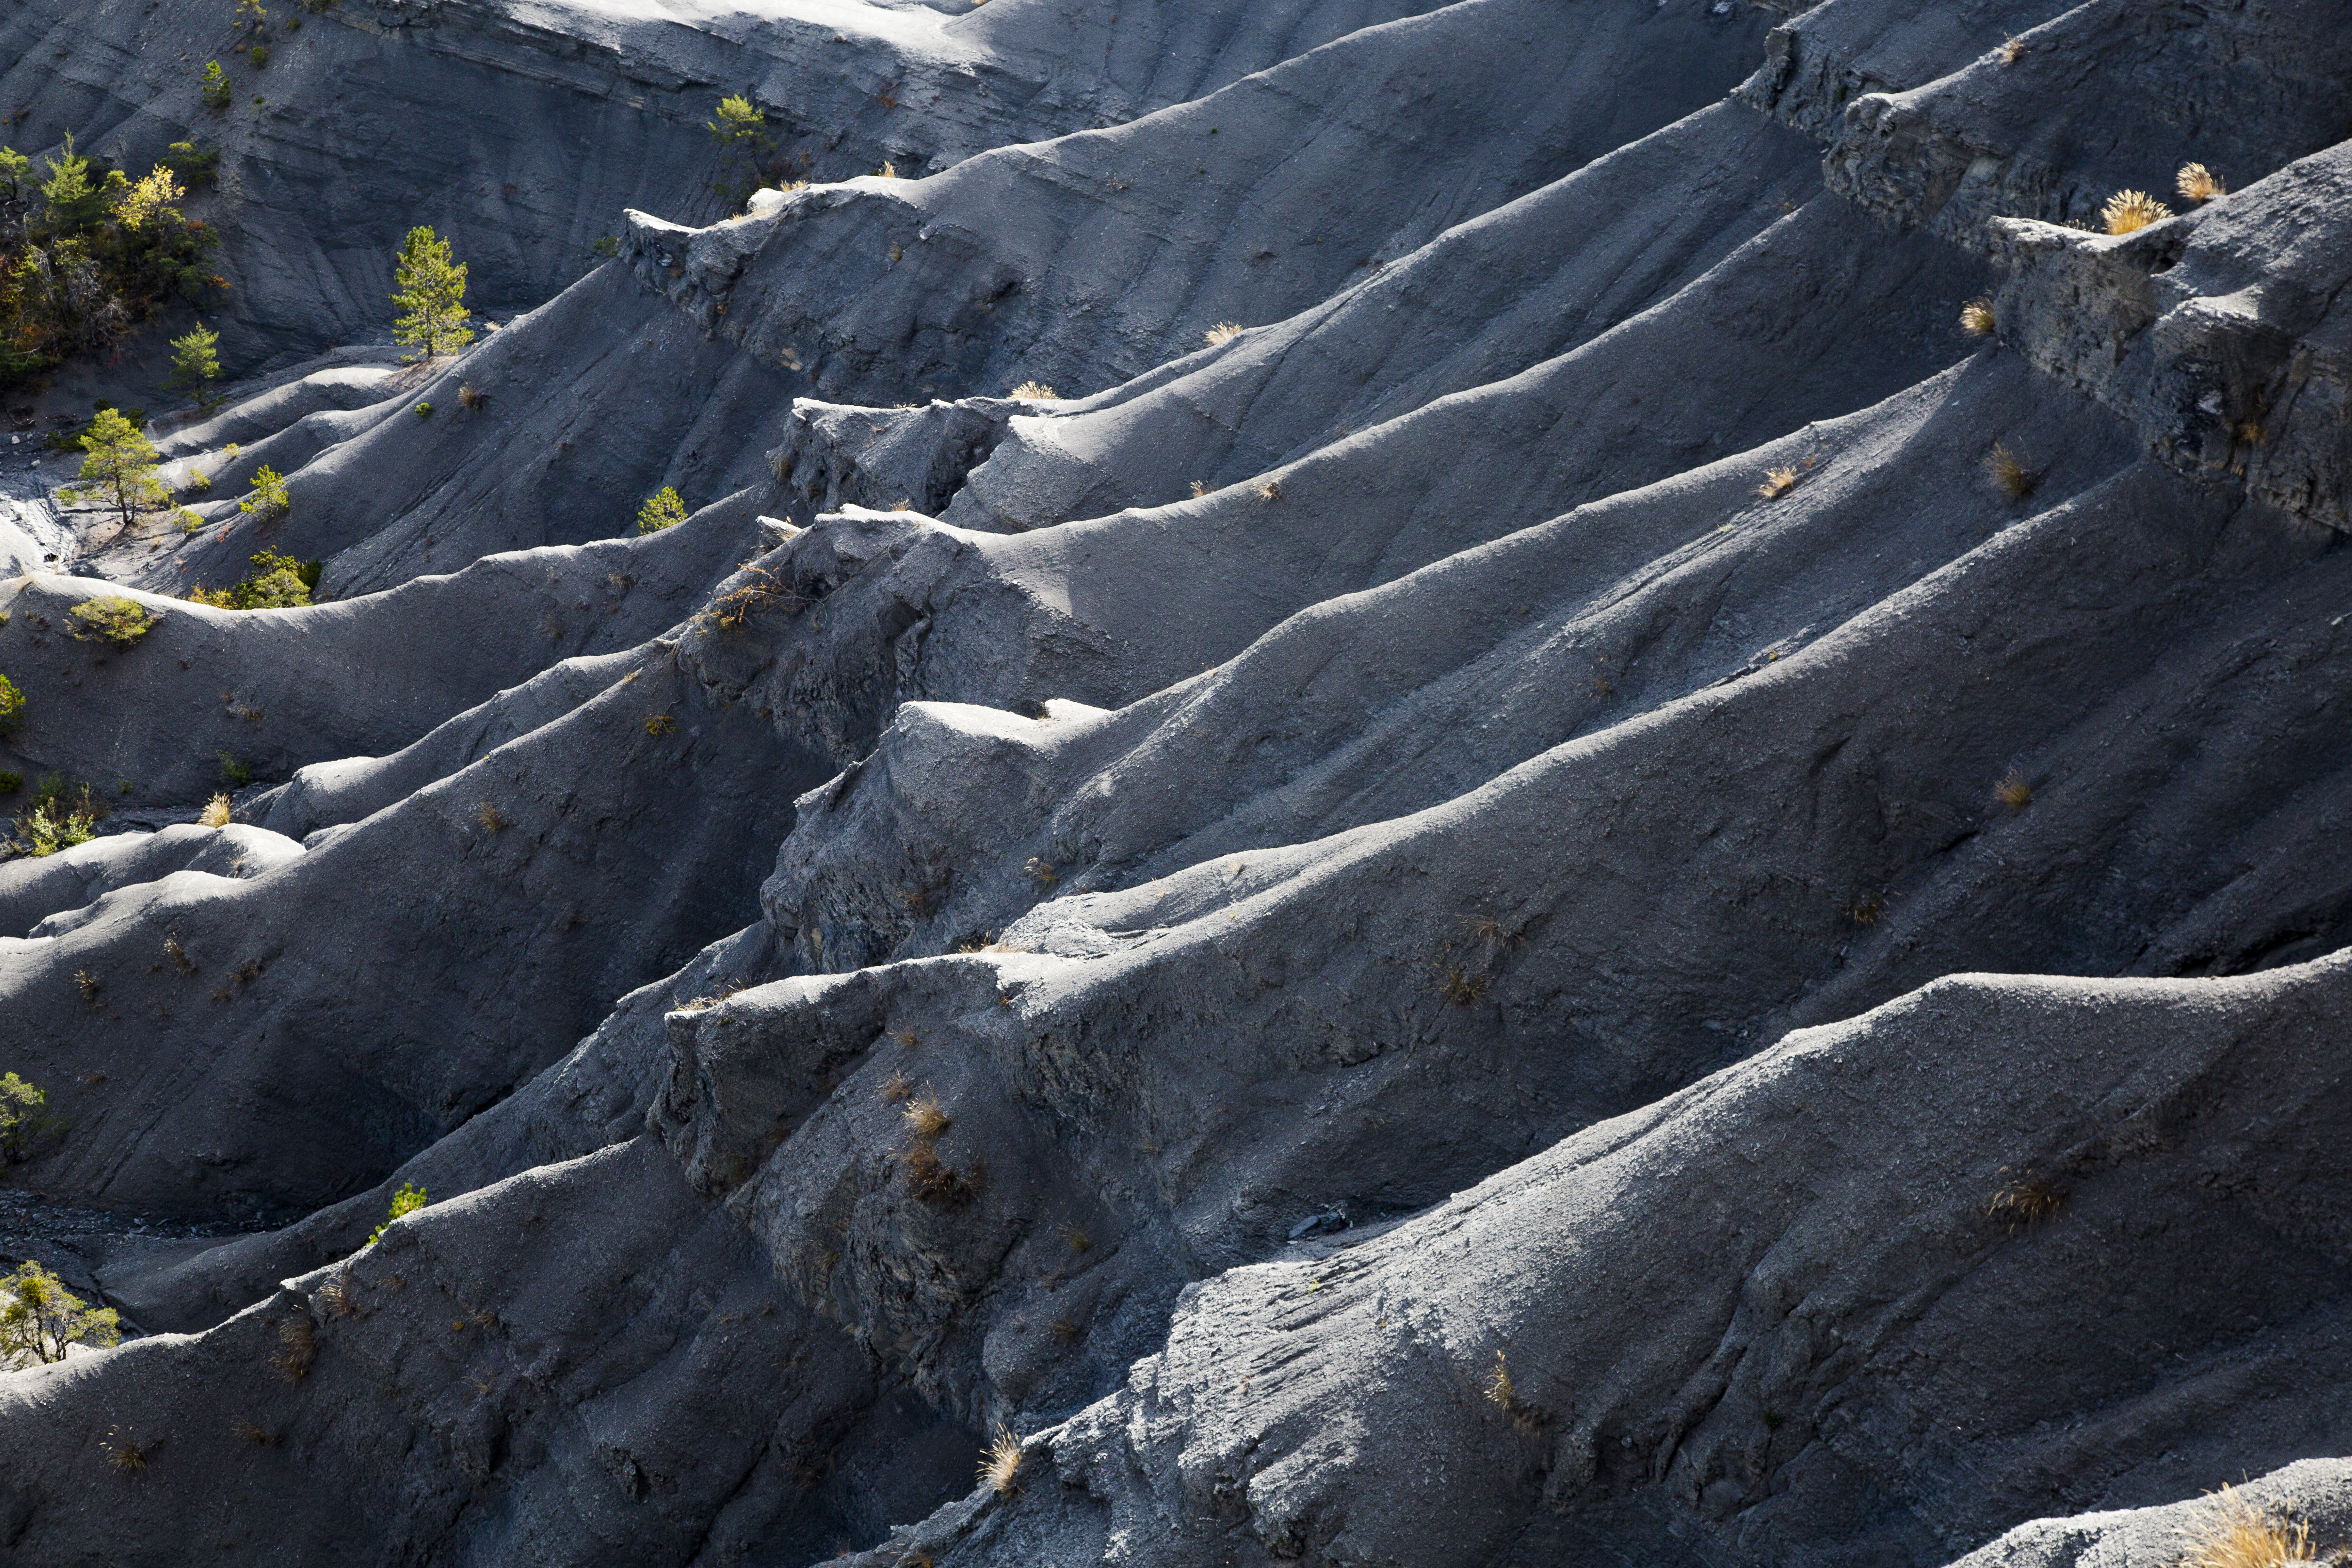 #85 Black dunes